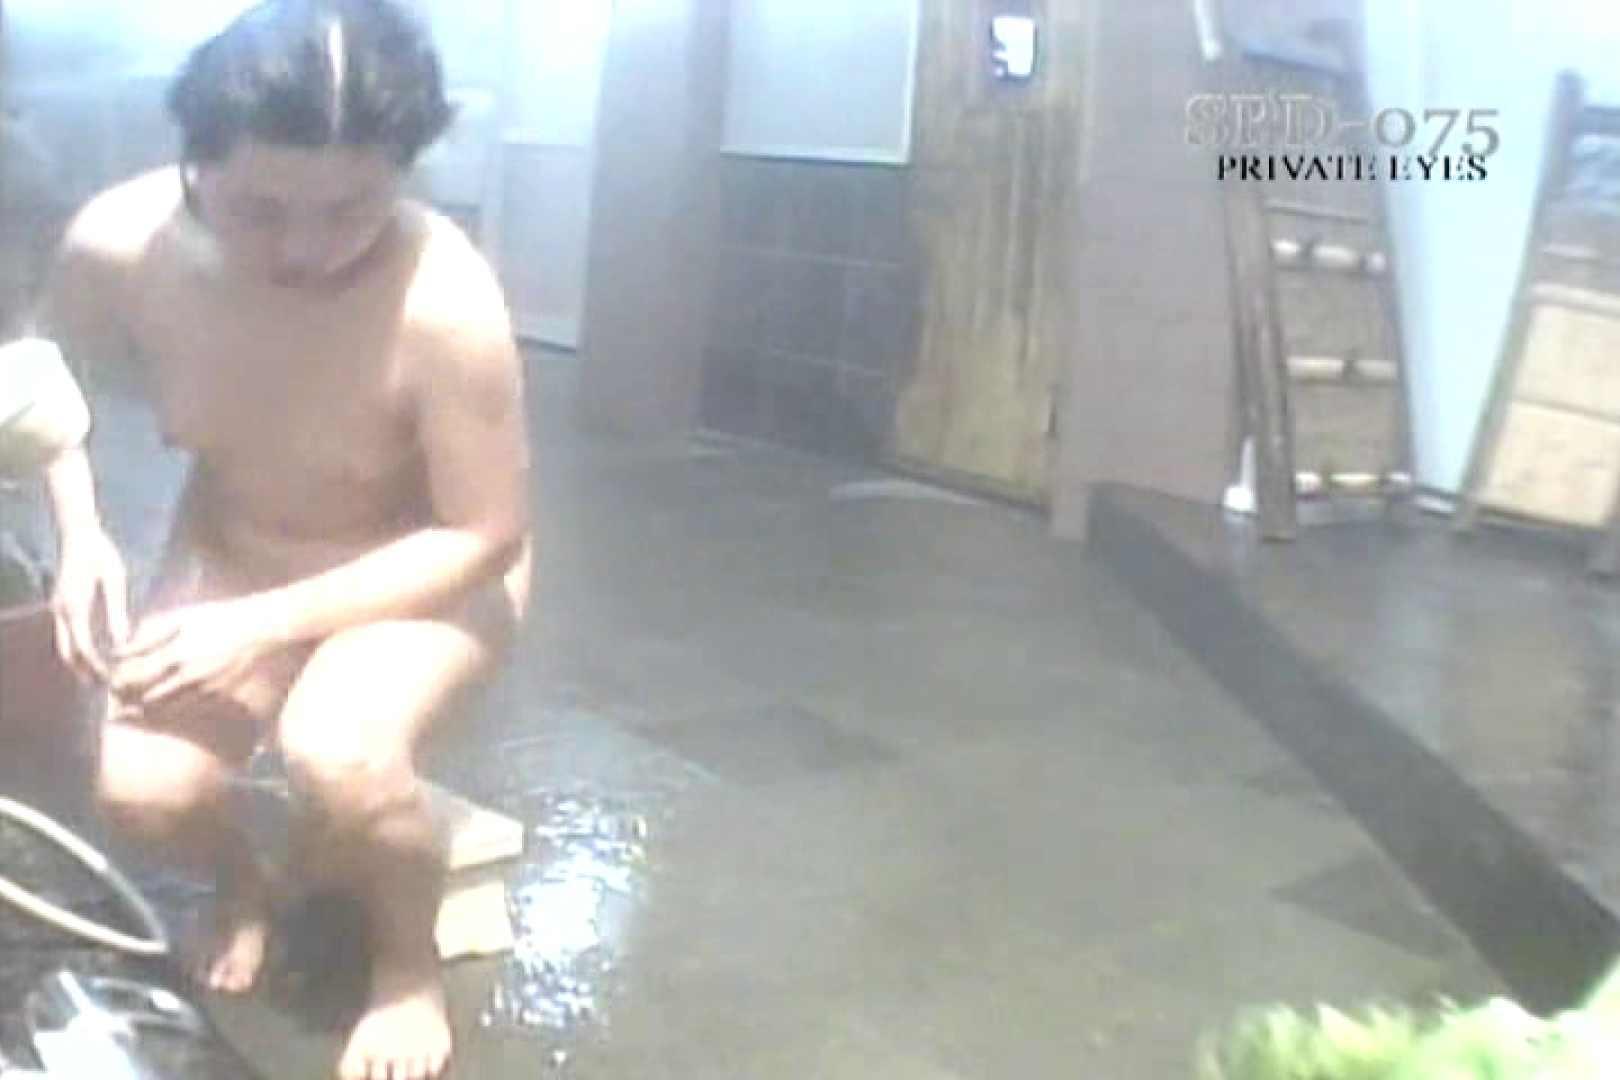 高画質版!SPD-075 脱衣所から洗面所まで 9カメ追跡盗撮 追跡 SEX無修正画像 37連発 26